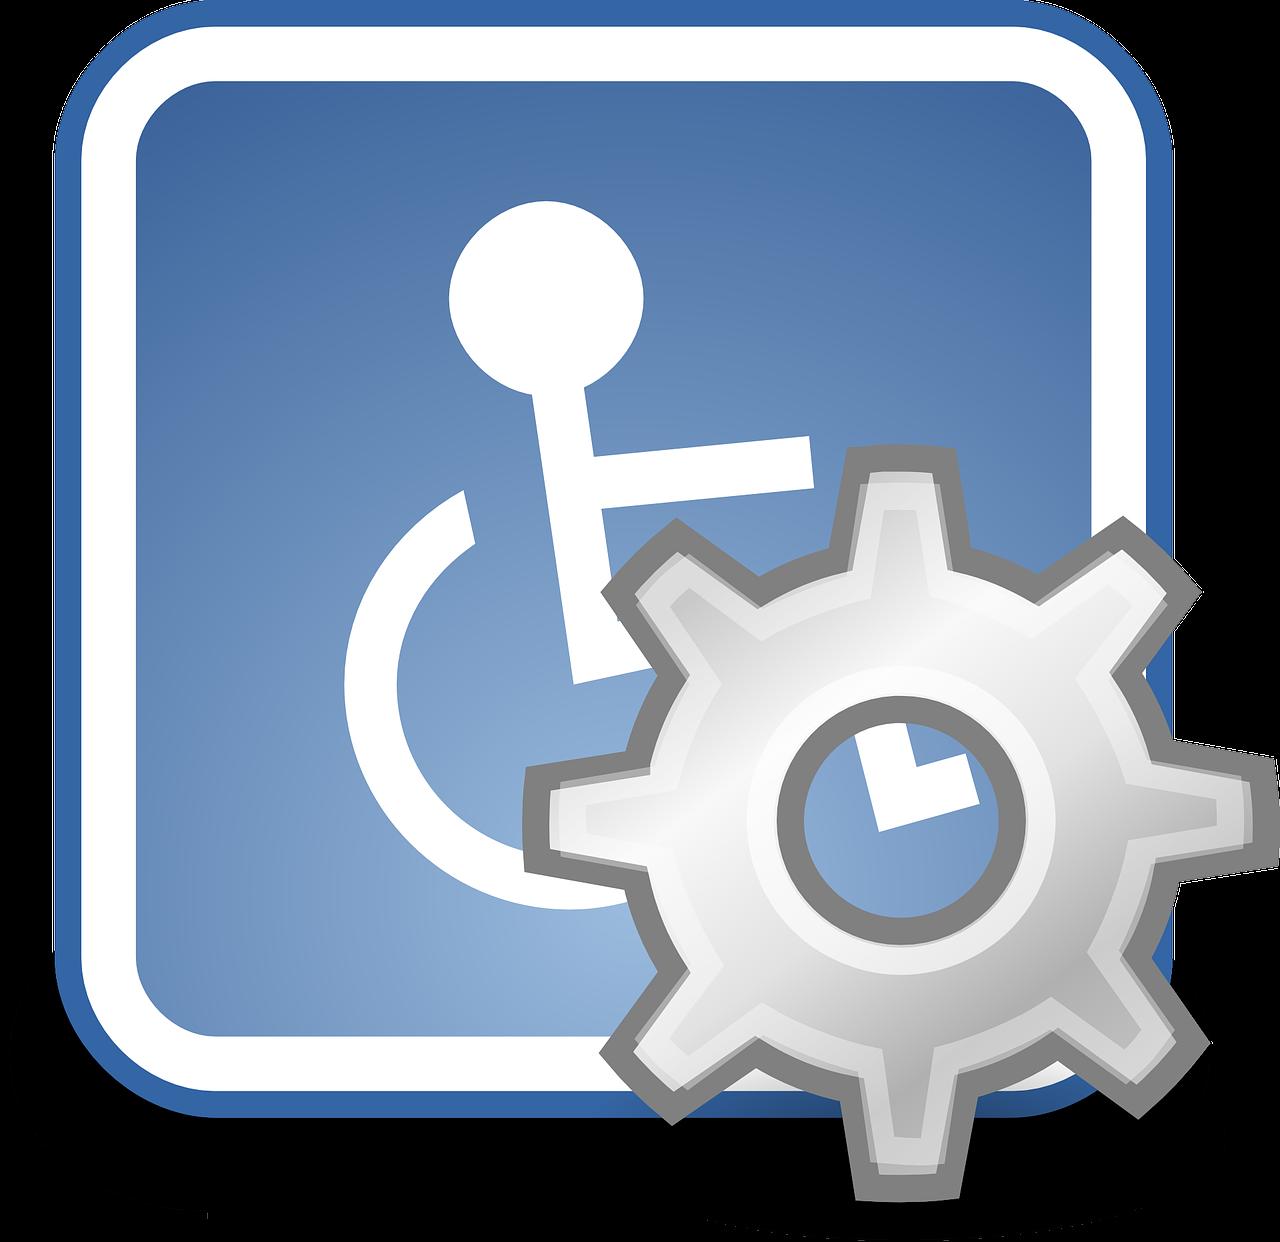 Blaauw zorgbegeleiding beoordeling instelling gehandicaptenzorg verstandelijk gehandicapten